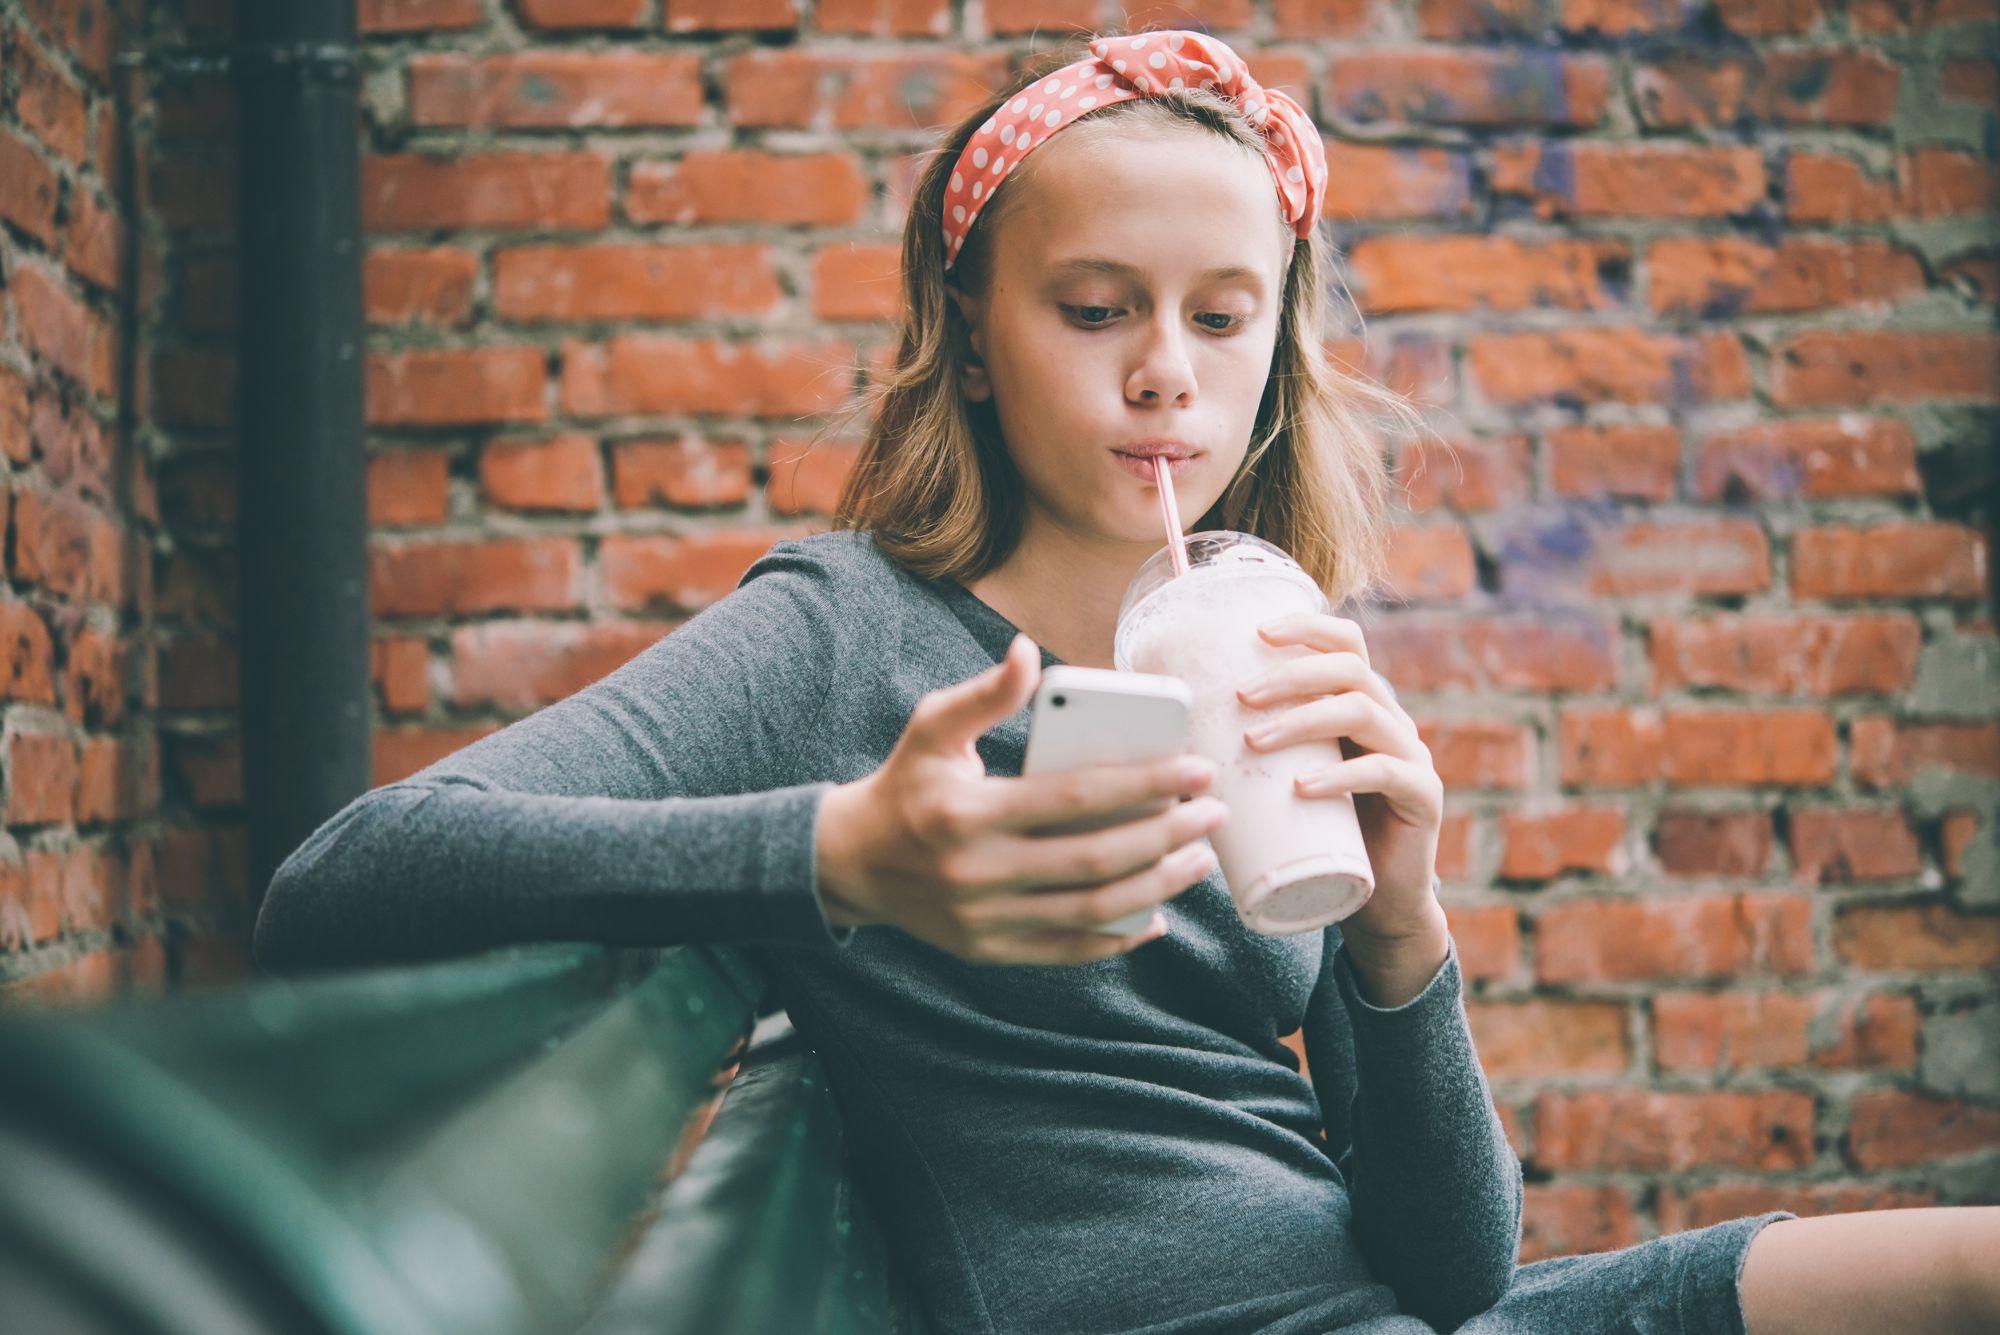 O tânără îşi foloseşte telefonul mobil în timp ce bea cu paiul dintr-o băutură răcoritoare